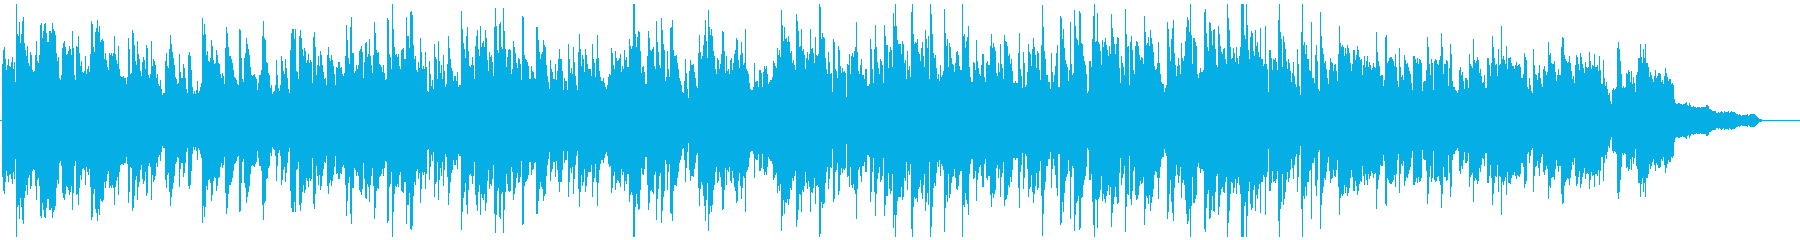 ソプラノサックスのメロディアスなボサノバの再生済みの波形